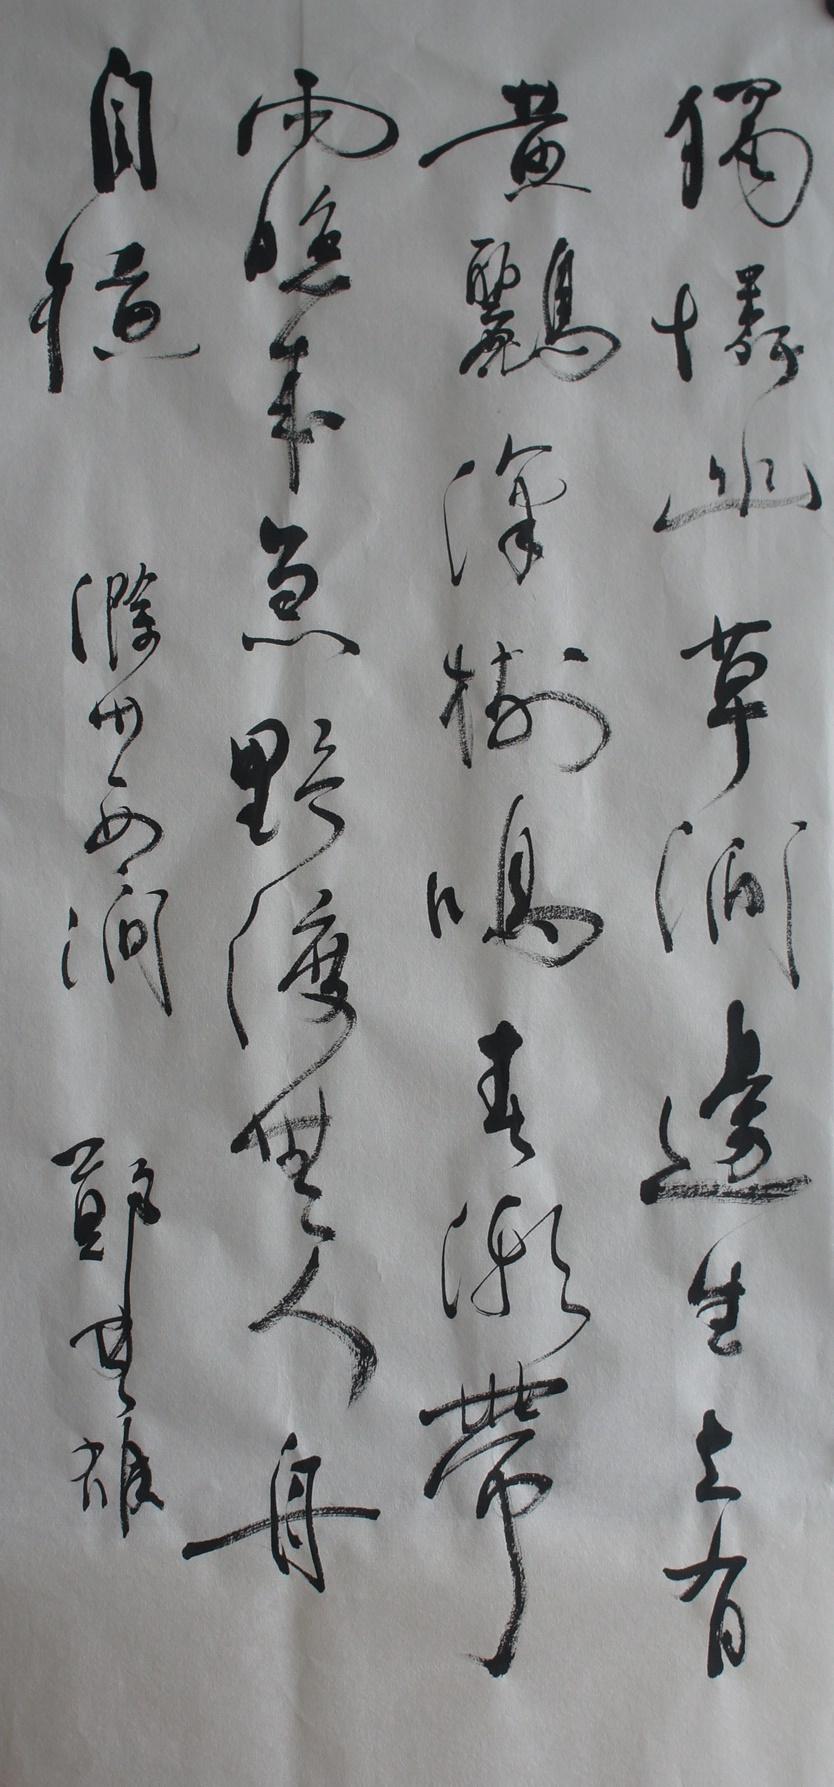 鄭楚雄 書法 韋應物《滁州西澗》(行草立軸 62cm x 32cm)